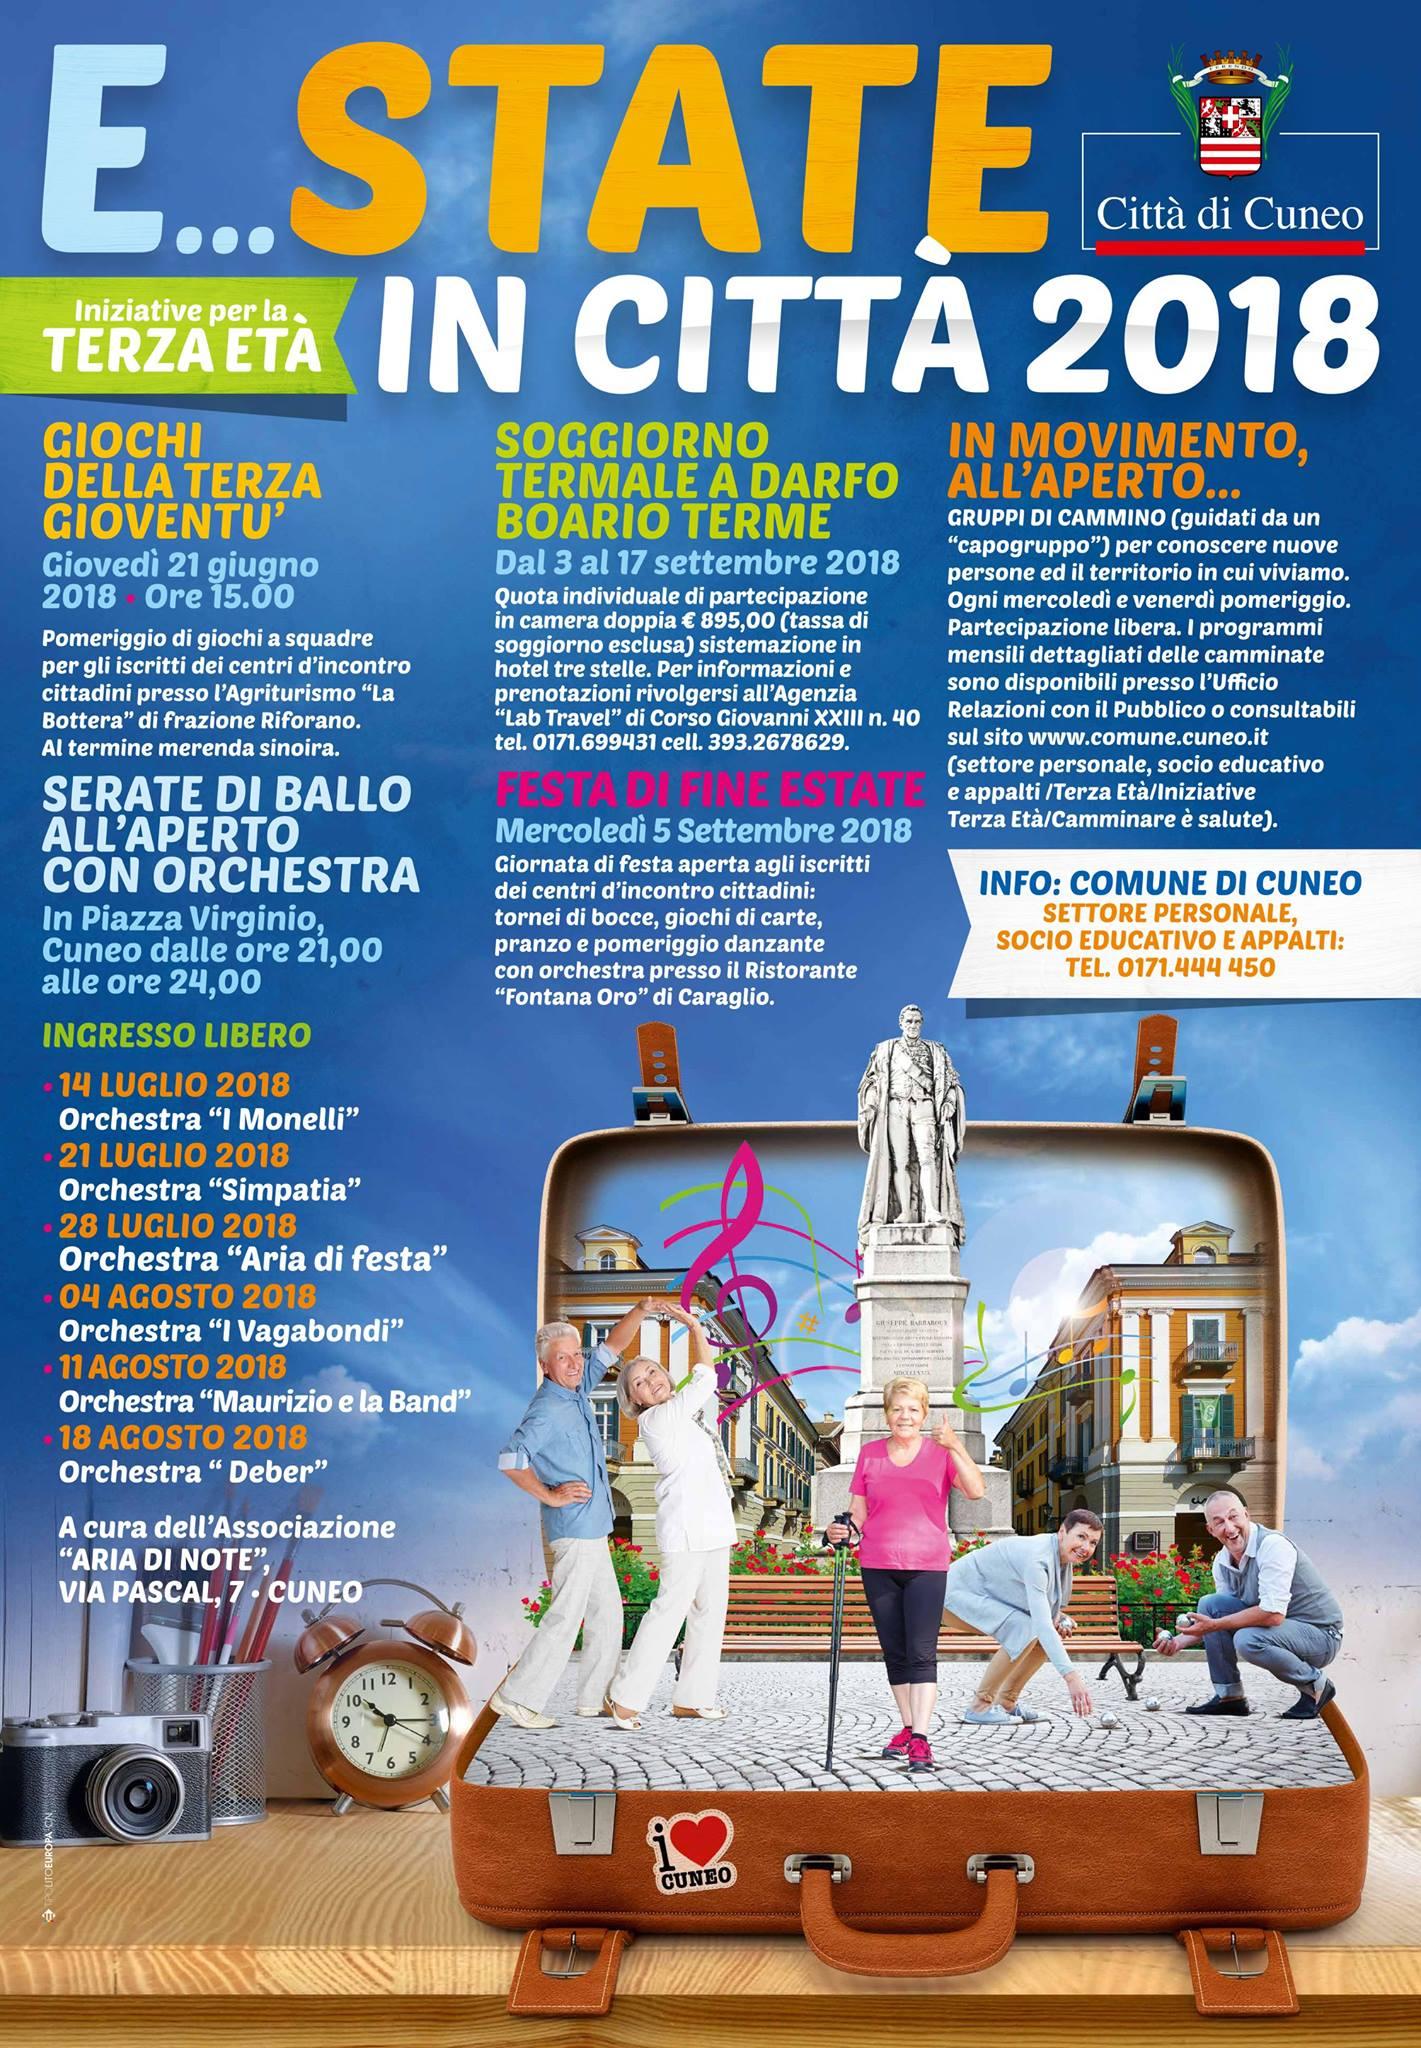 E... state in città 2018 - Iniziative per la terza età a Cuneo